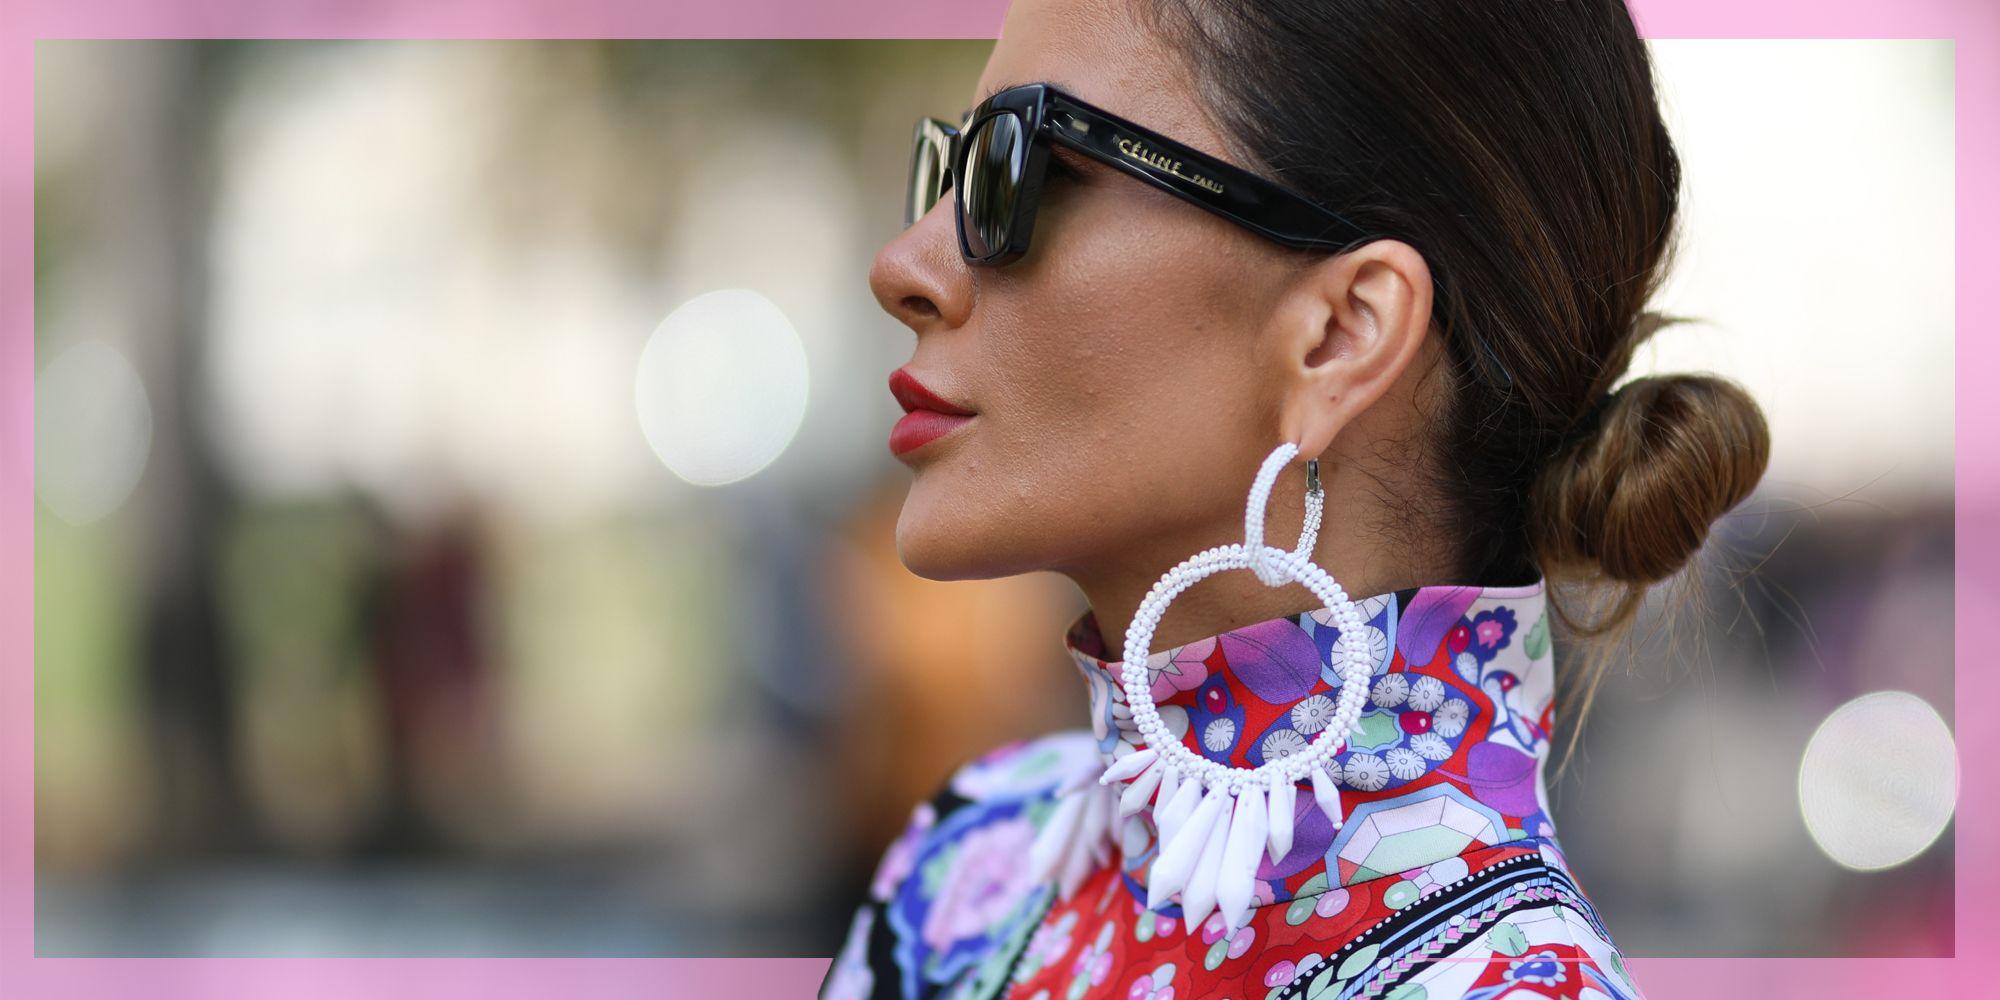 Gioielli moda 2019 orecchini grandi li indossi anche in autunno